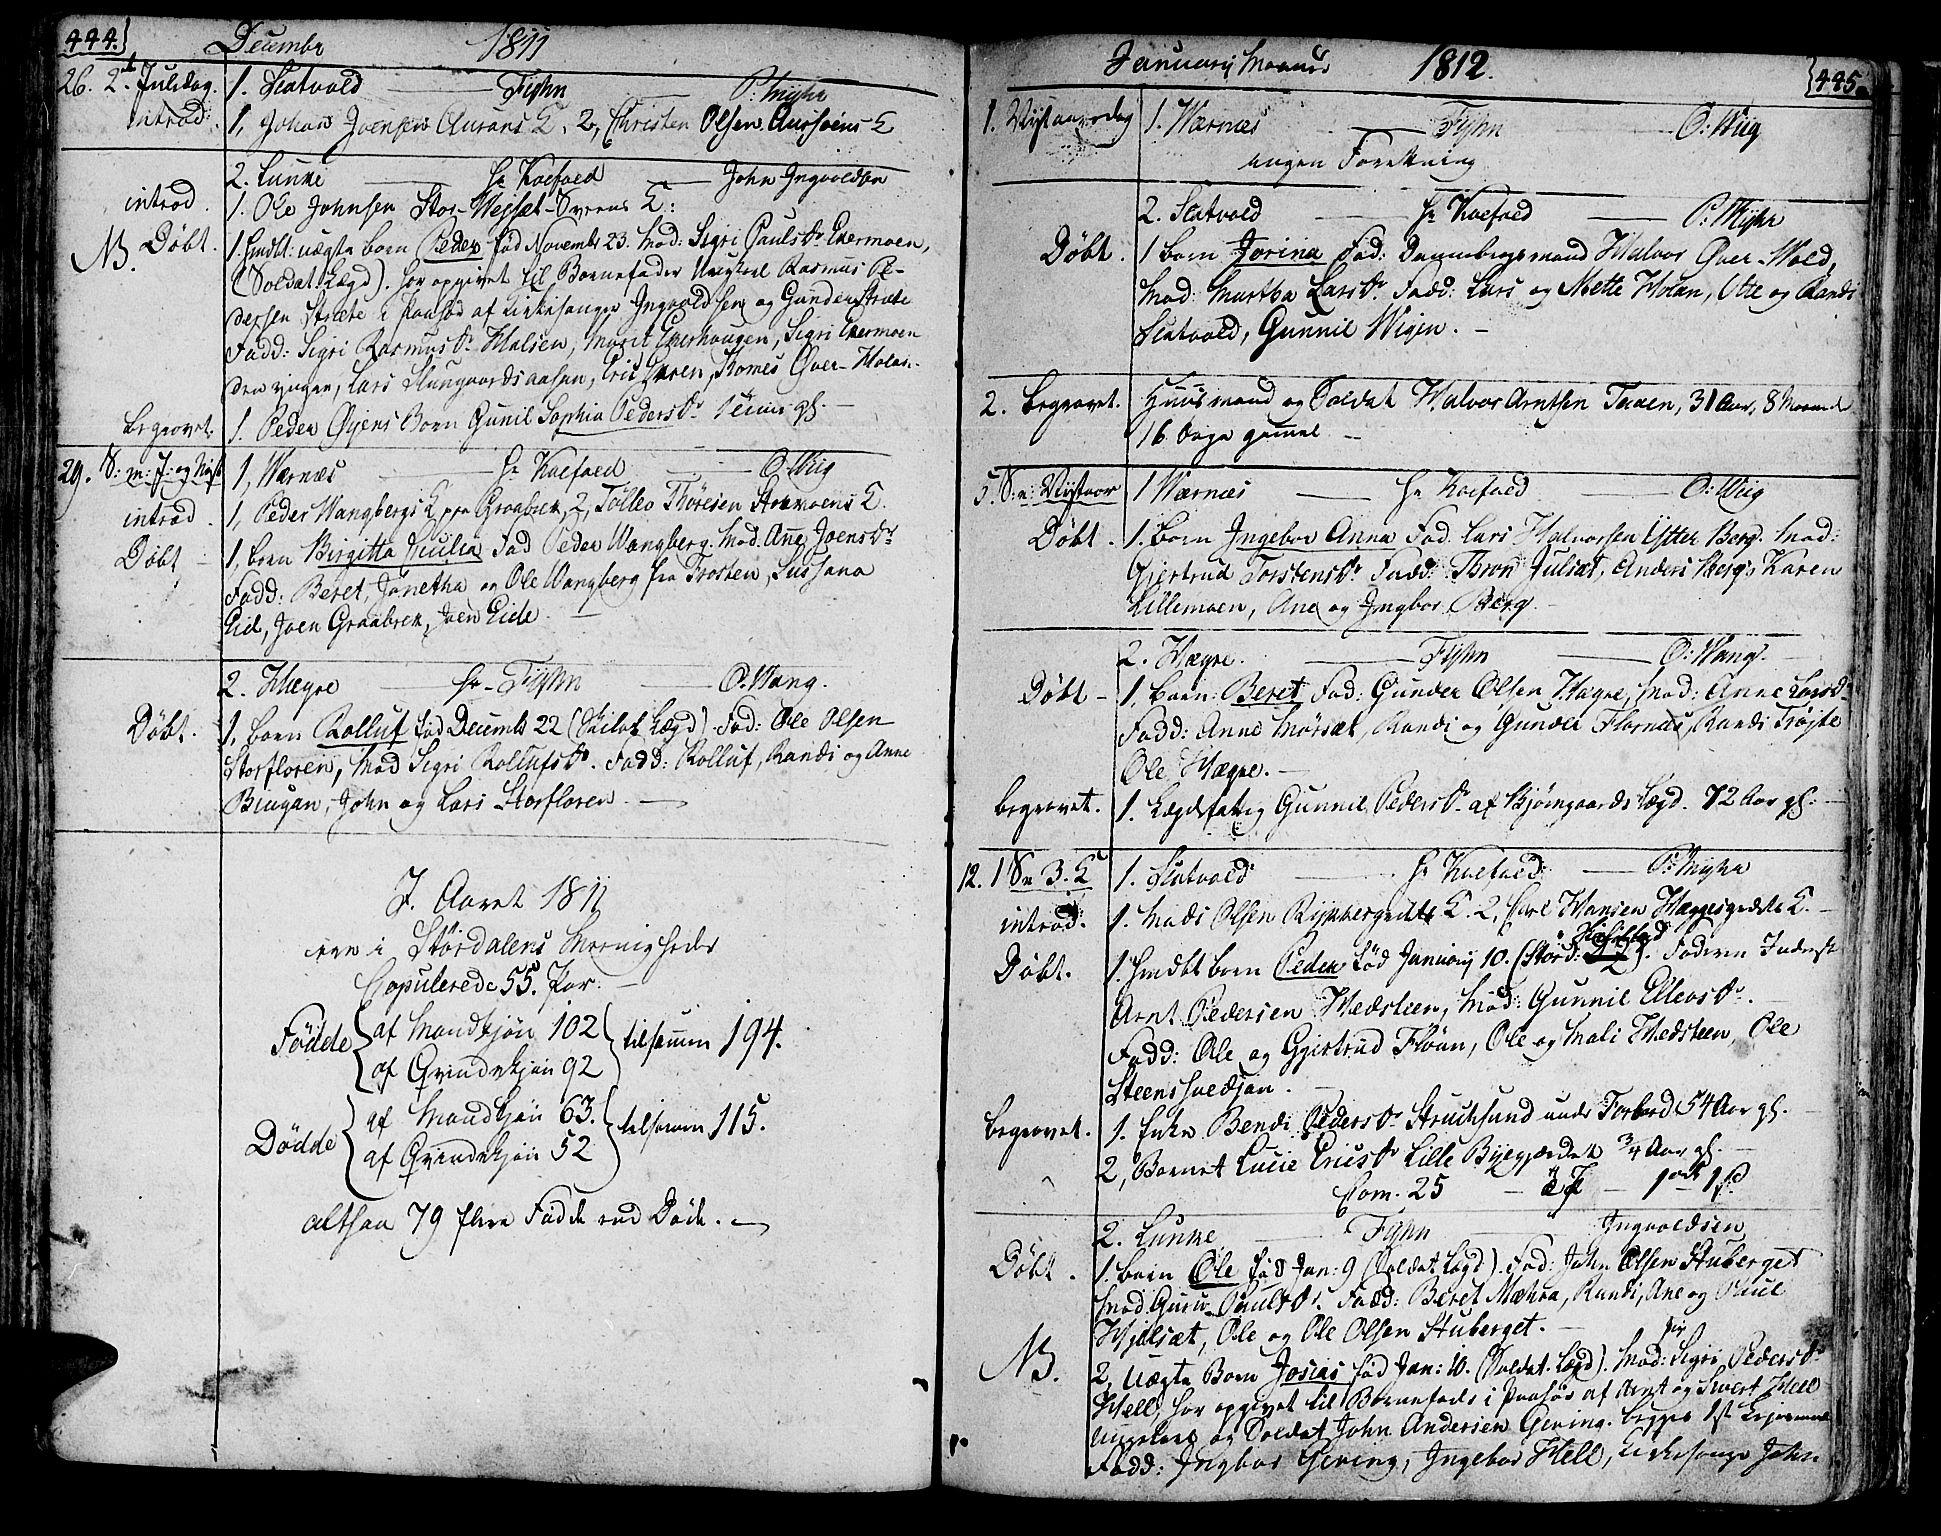 SAT, Ministerialprotokoller, klokkerbøker og fødselsregistre - Nord-Trøndelag, 709/L0060: Ministerialbok nr. 709A07, 1797-1815, s. 444-445